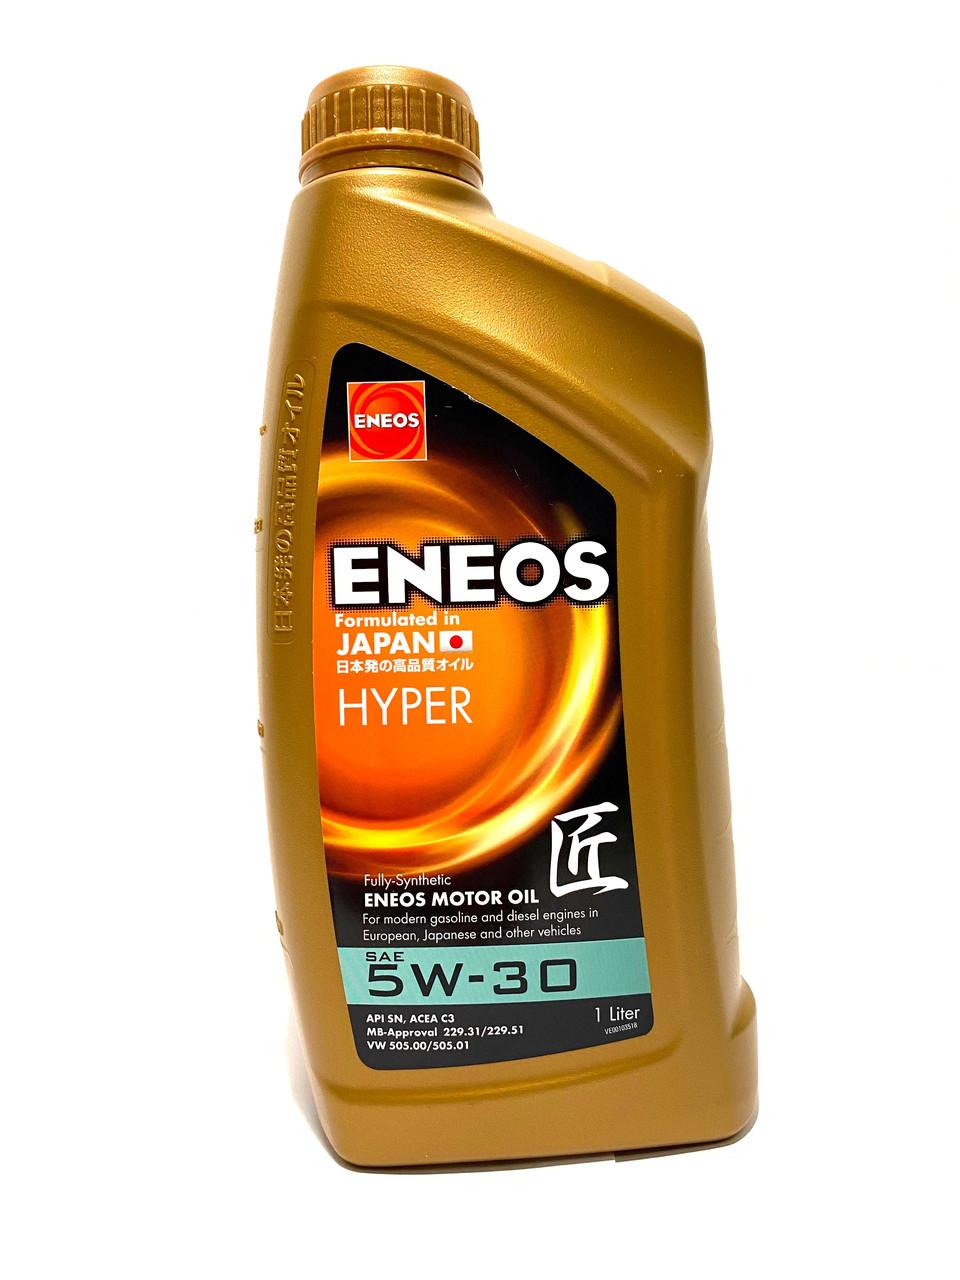 Синтетическое моторное масло ENEOS HYPER 5W-30, 1л